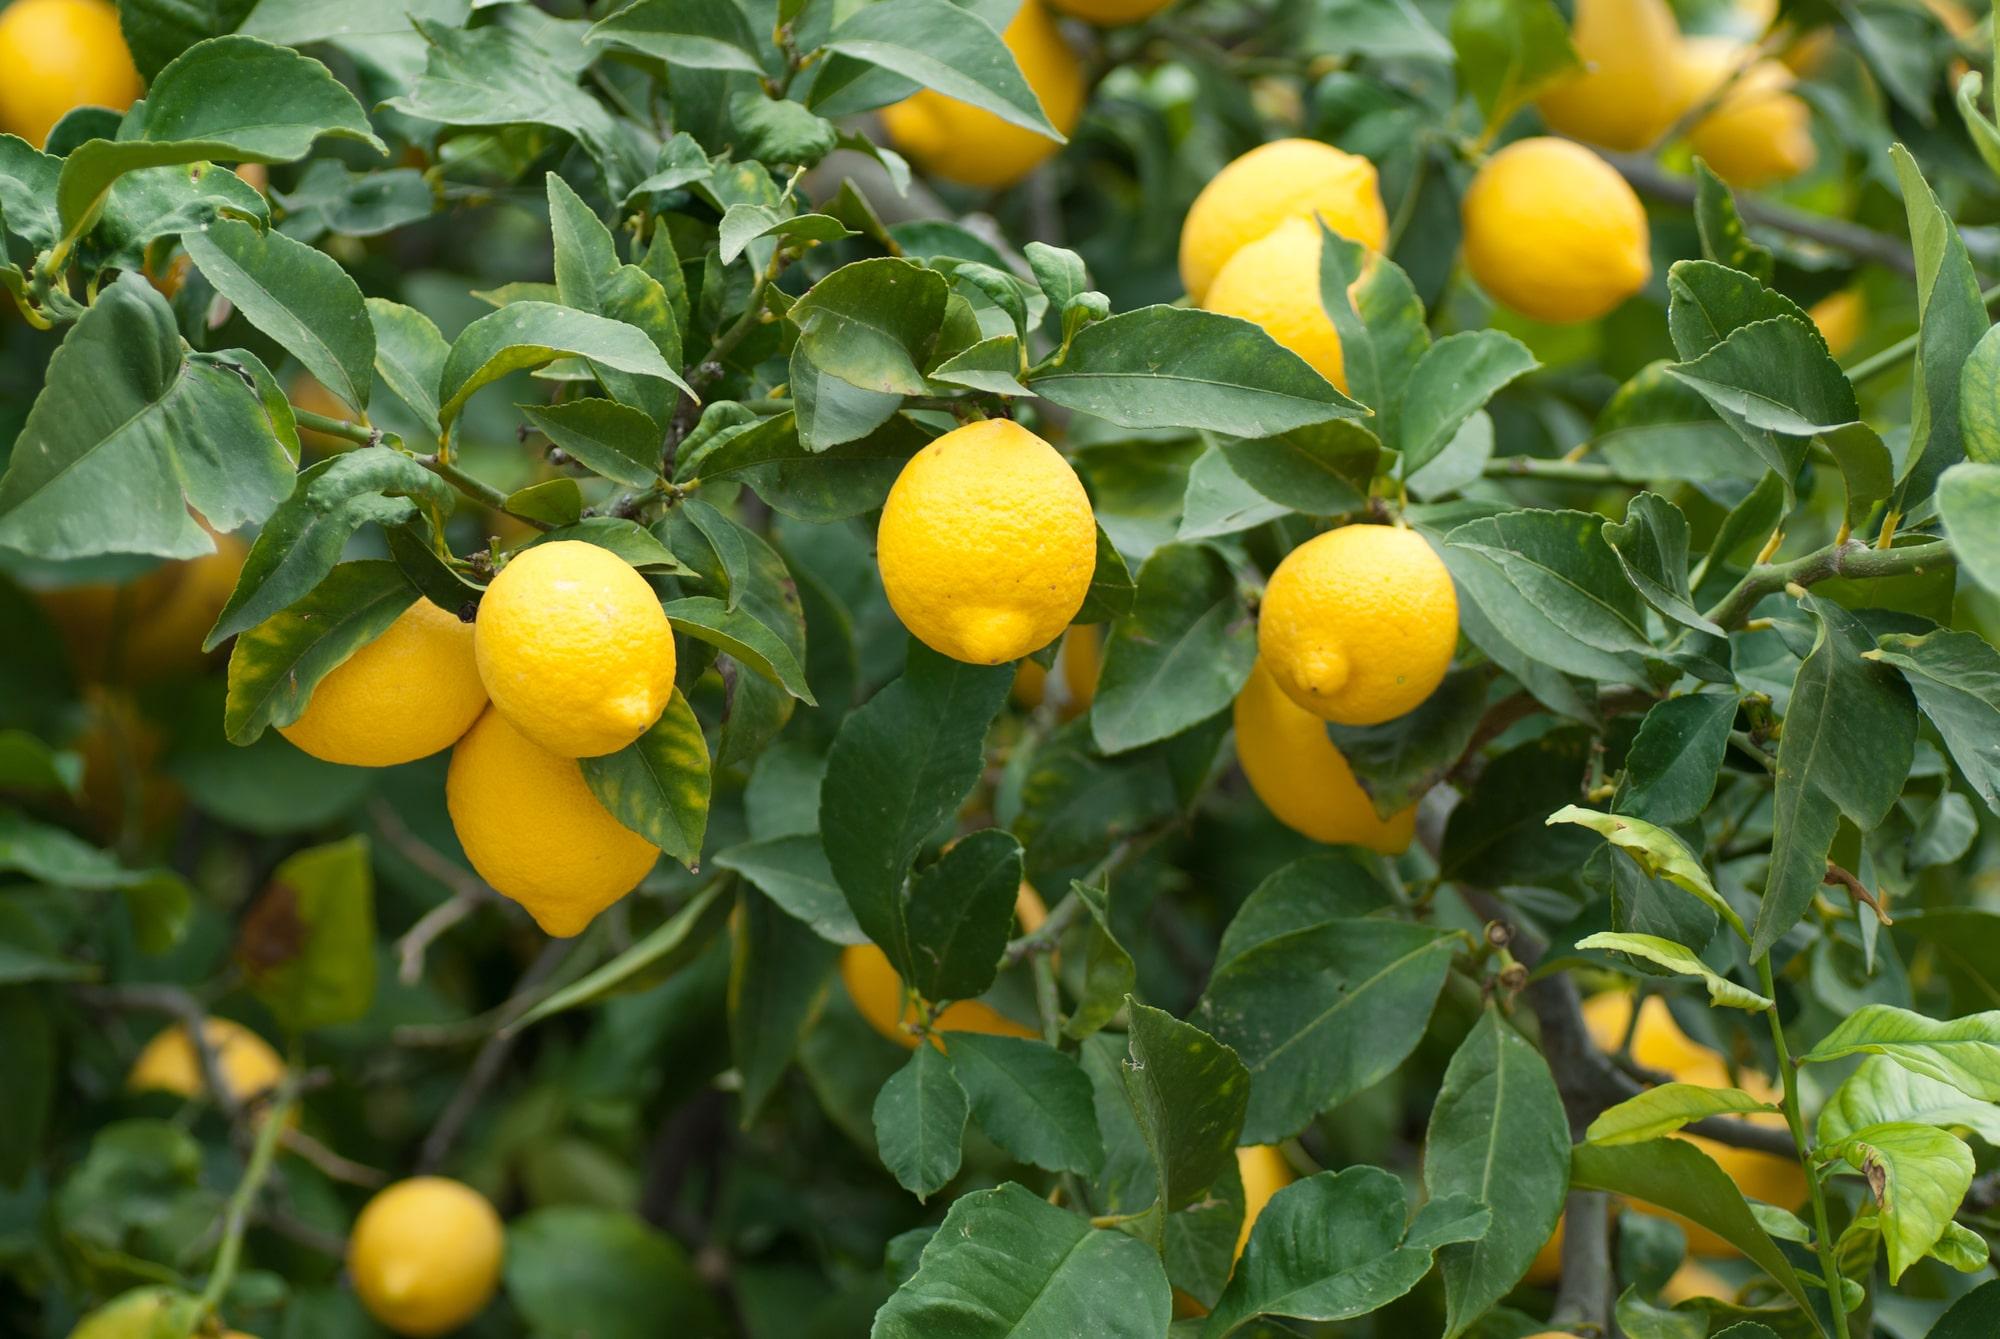 Doğru gübrelemeyle yetişen limonlar.